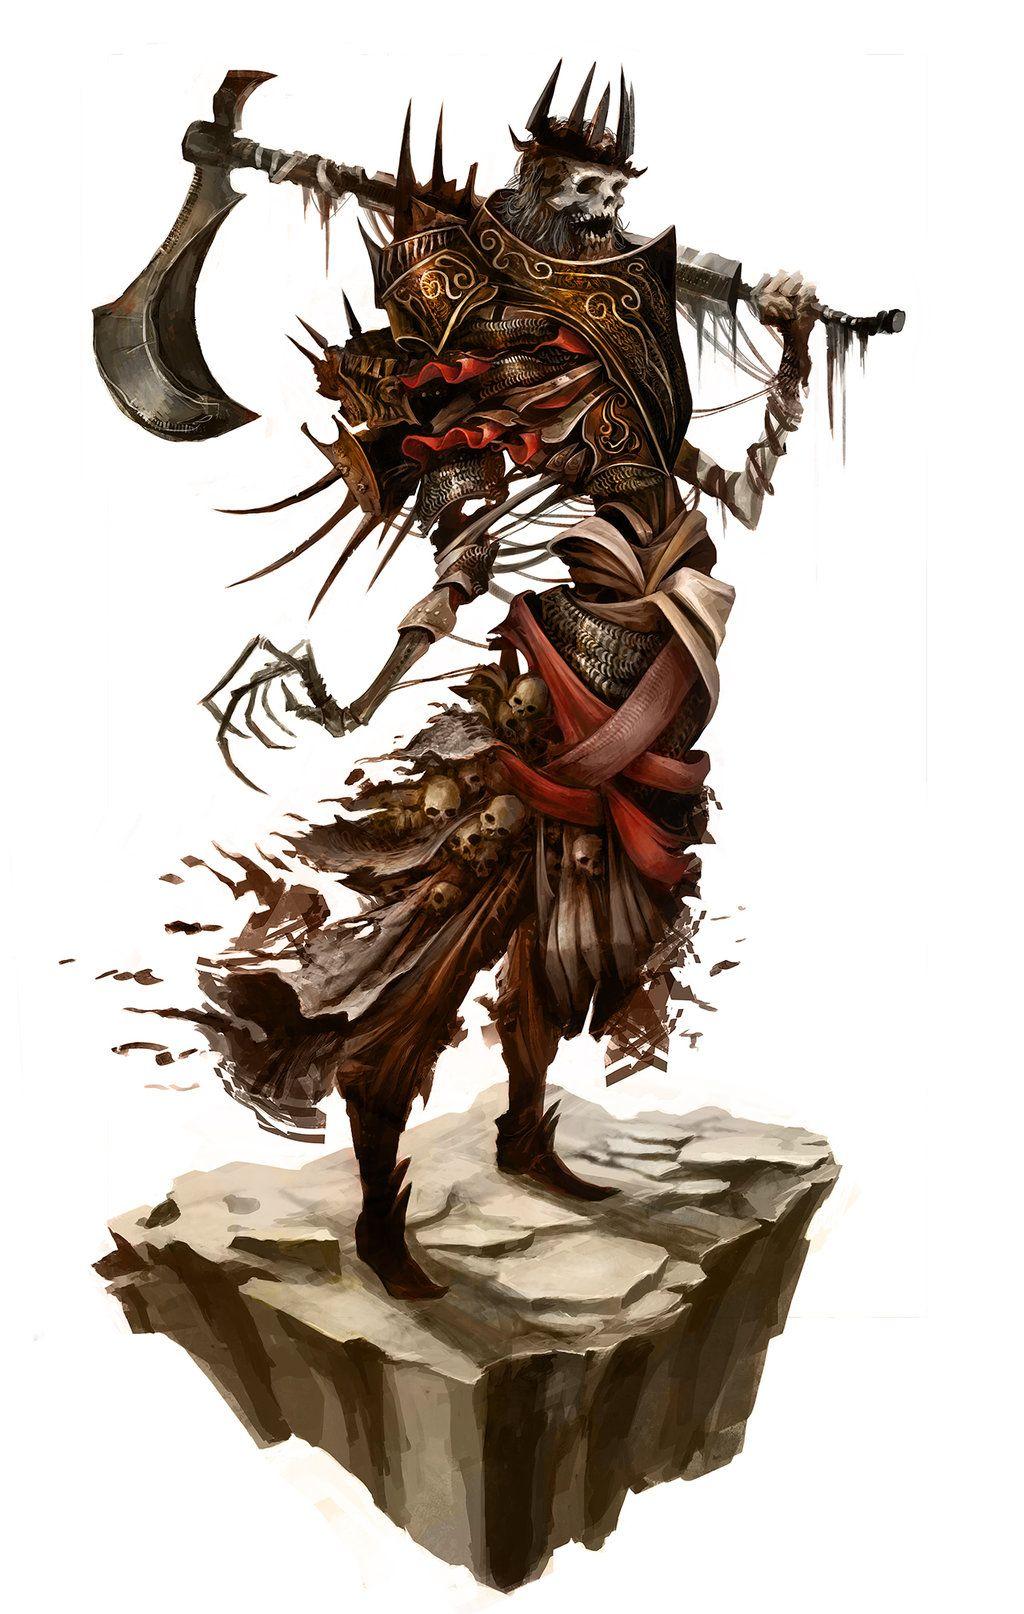 King Urgl', the Axe Butchor by Eyardt skeleton monster beast